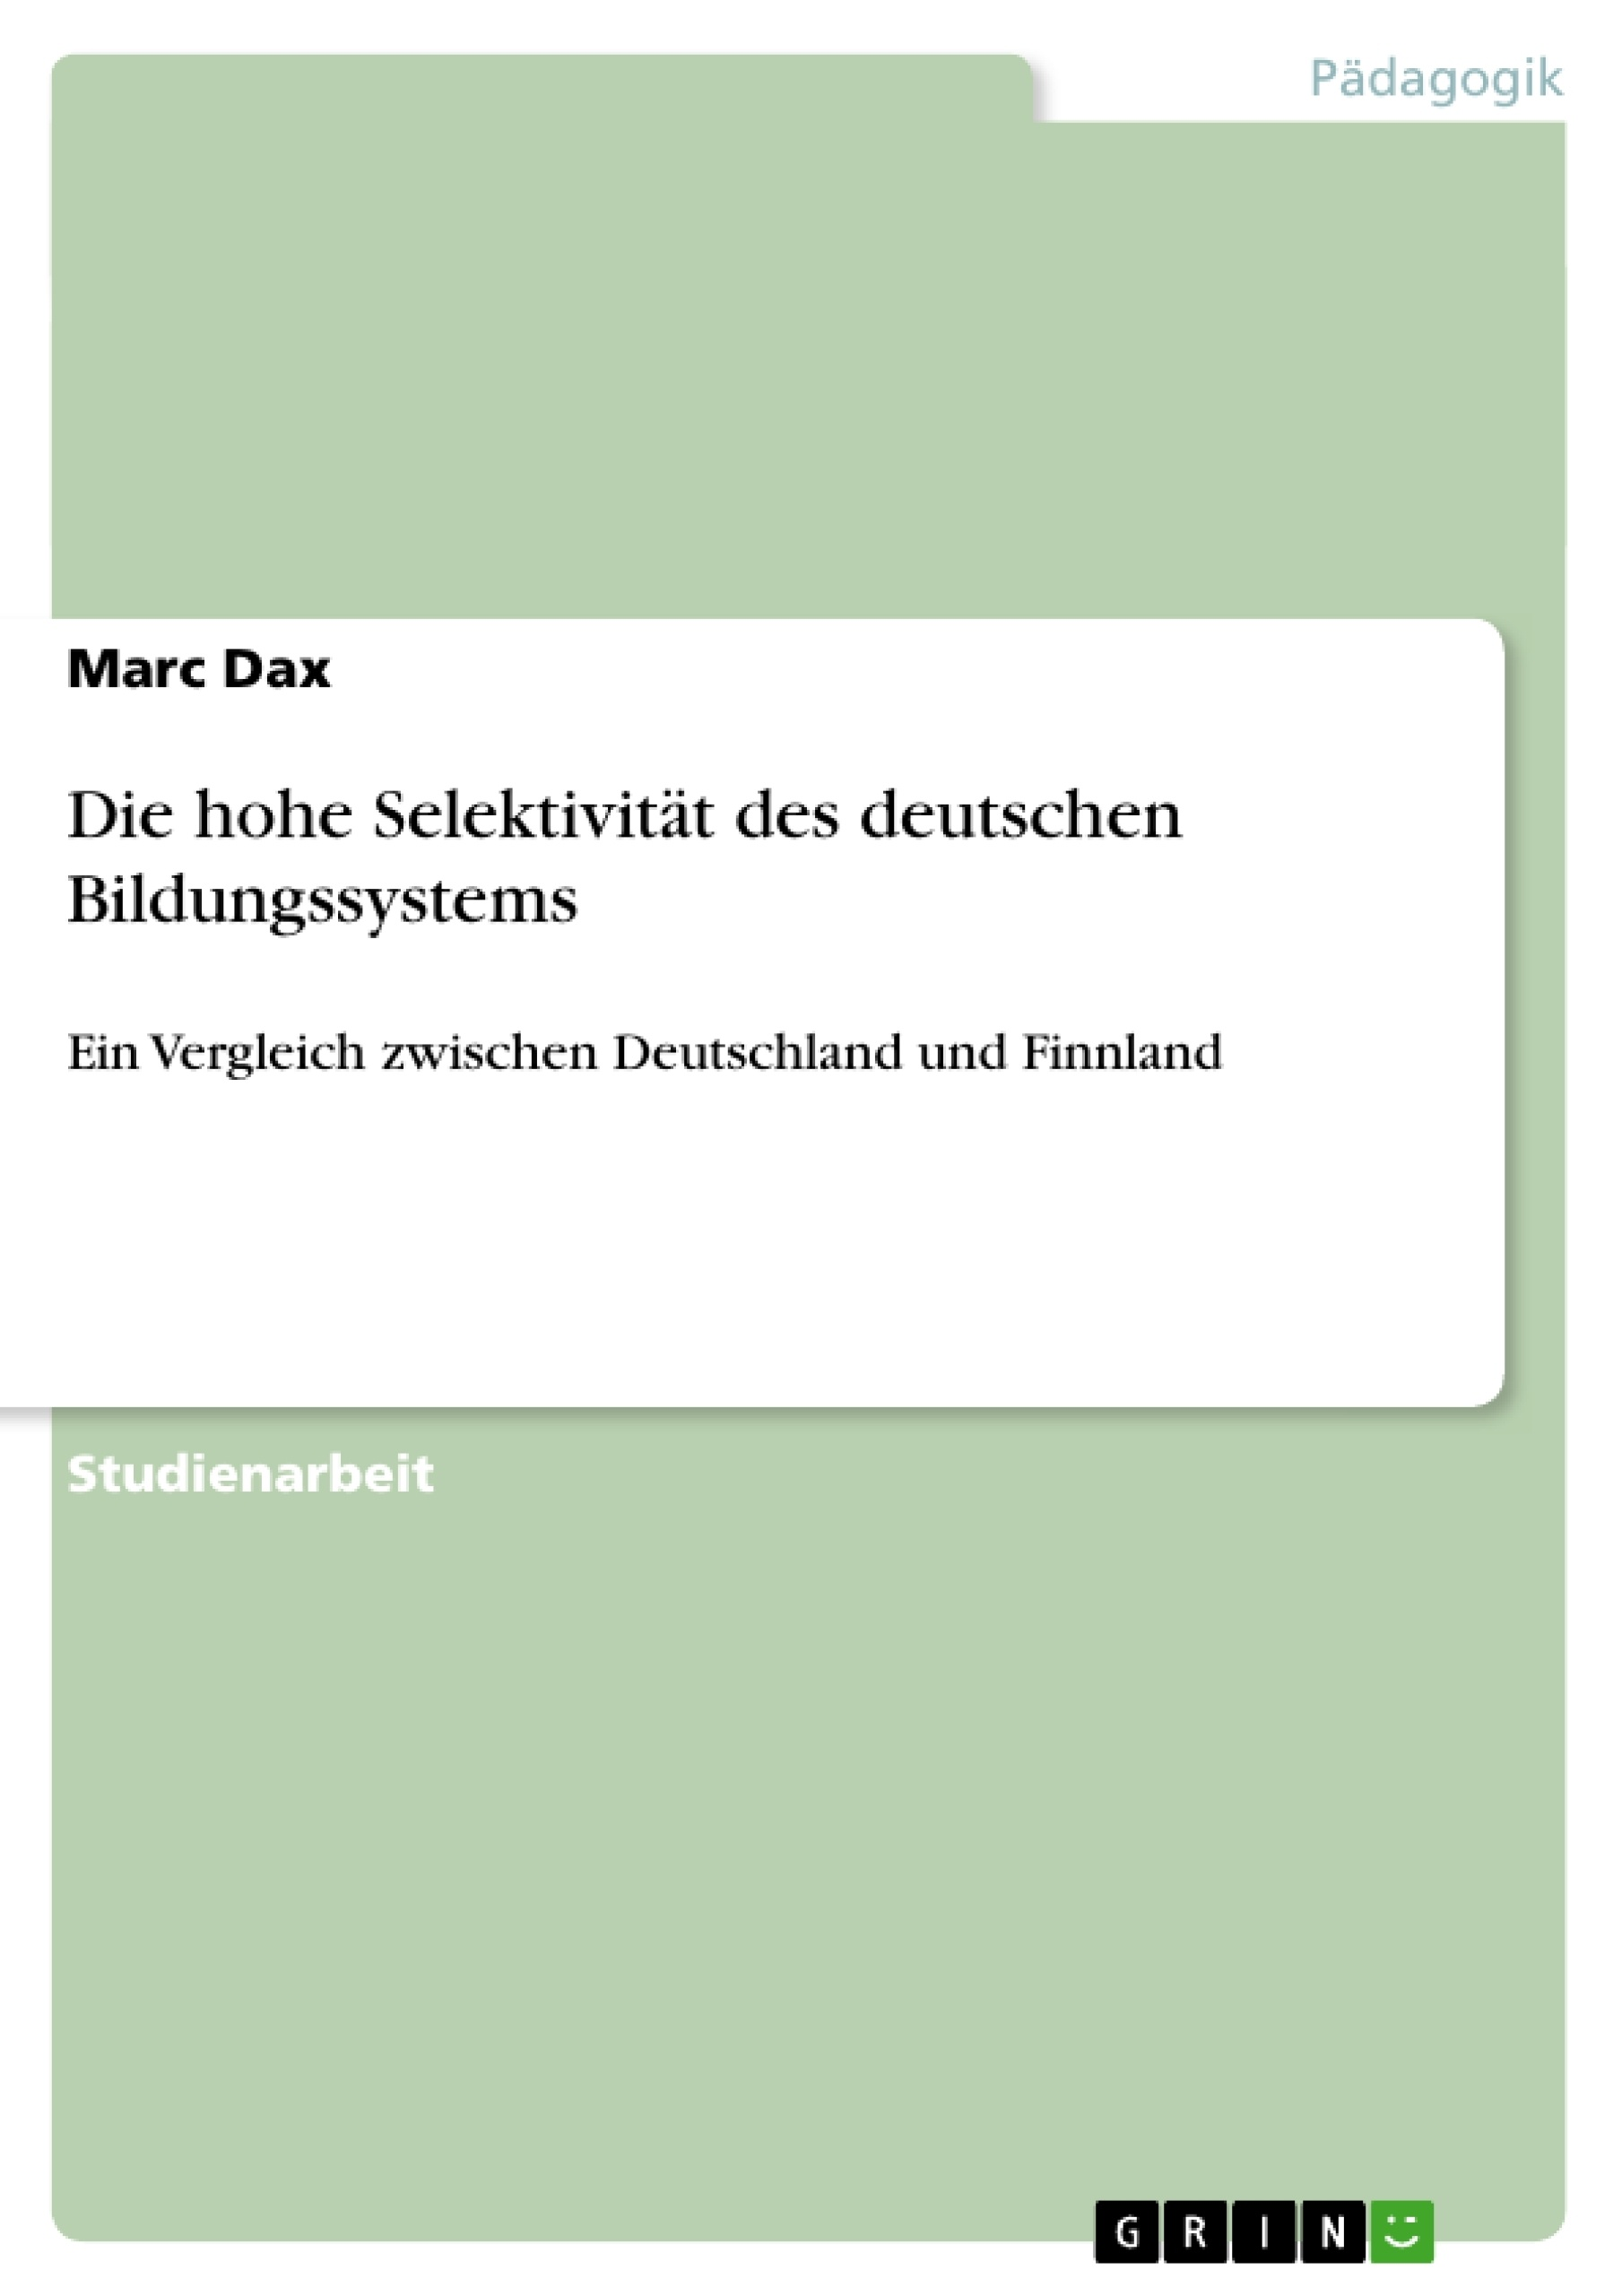 Titel: Die hohe Selektivität des deutschen Bildungssystems